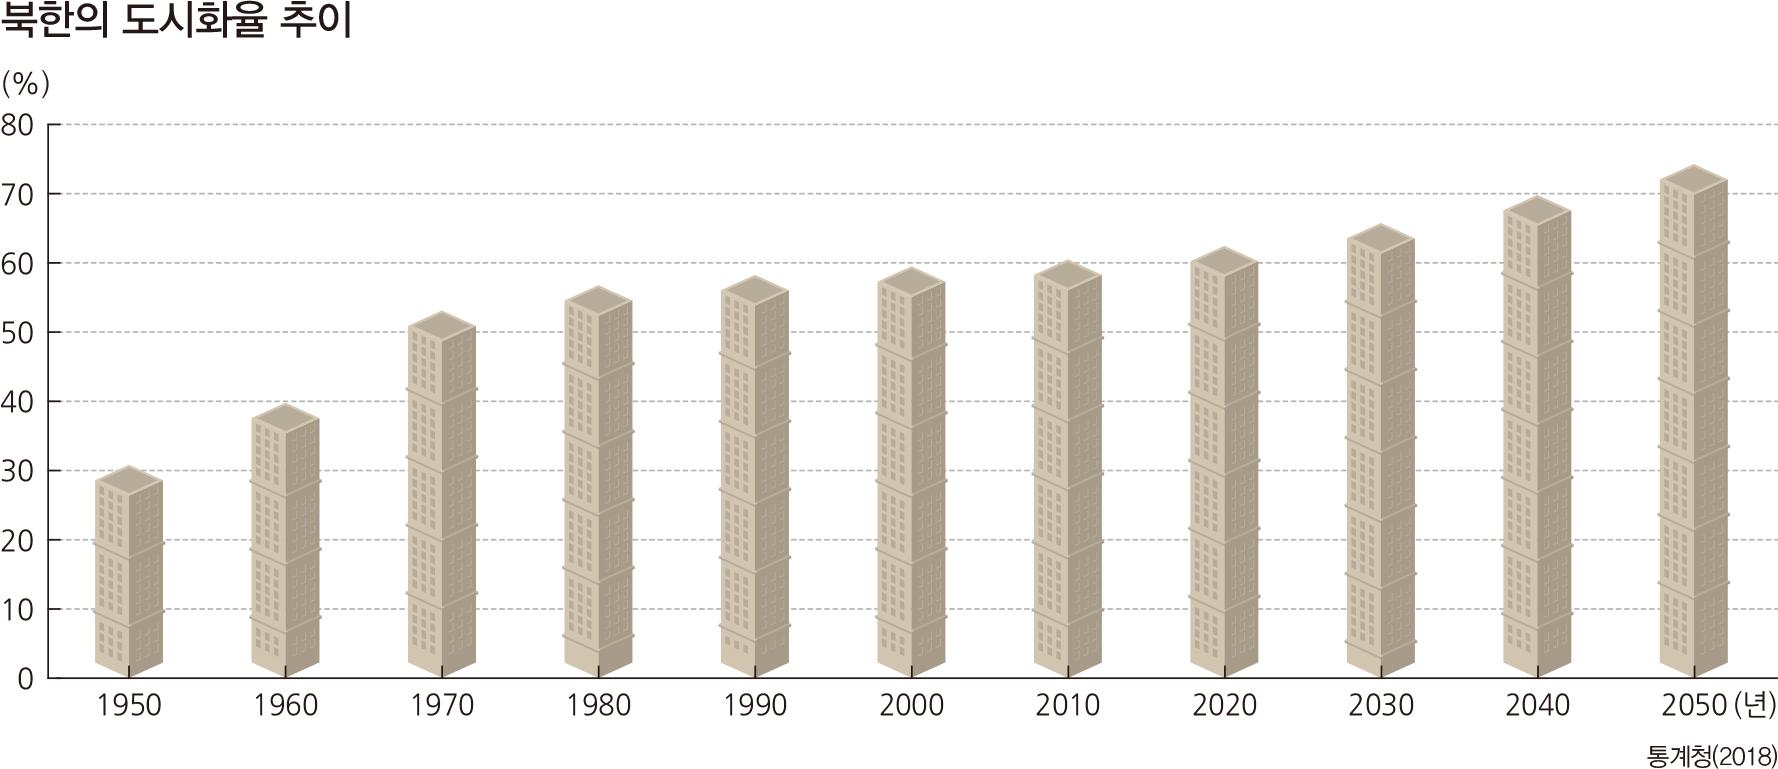 북한의 도시화율 추이